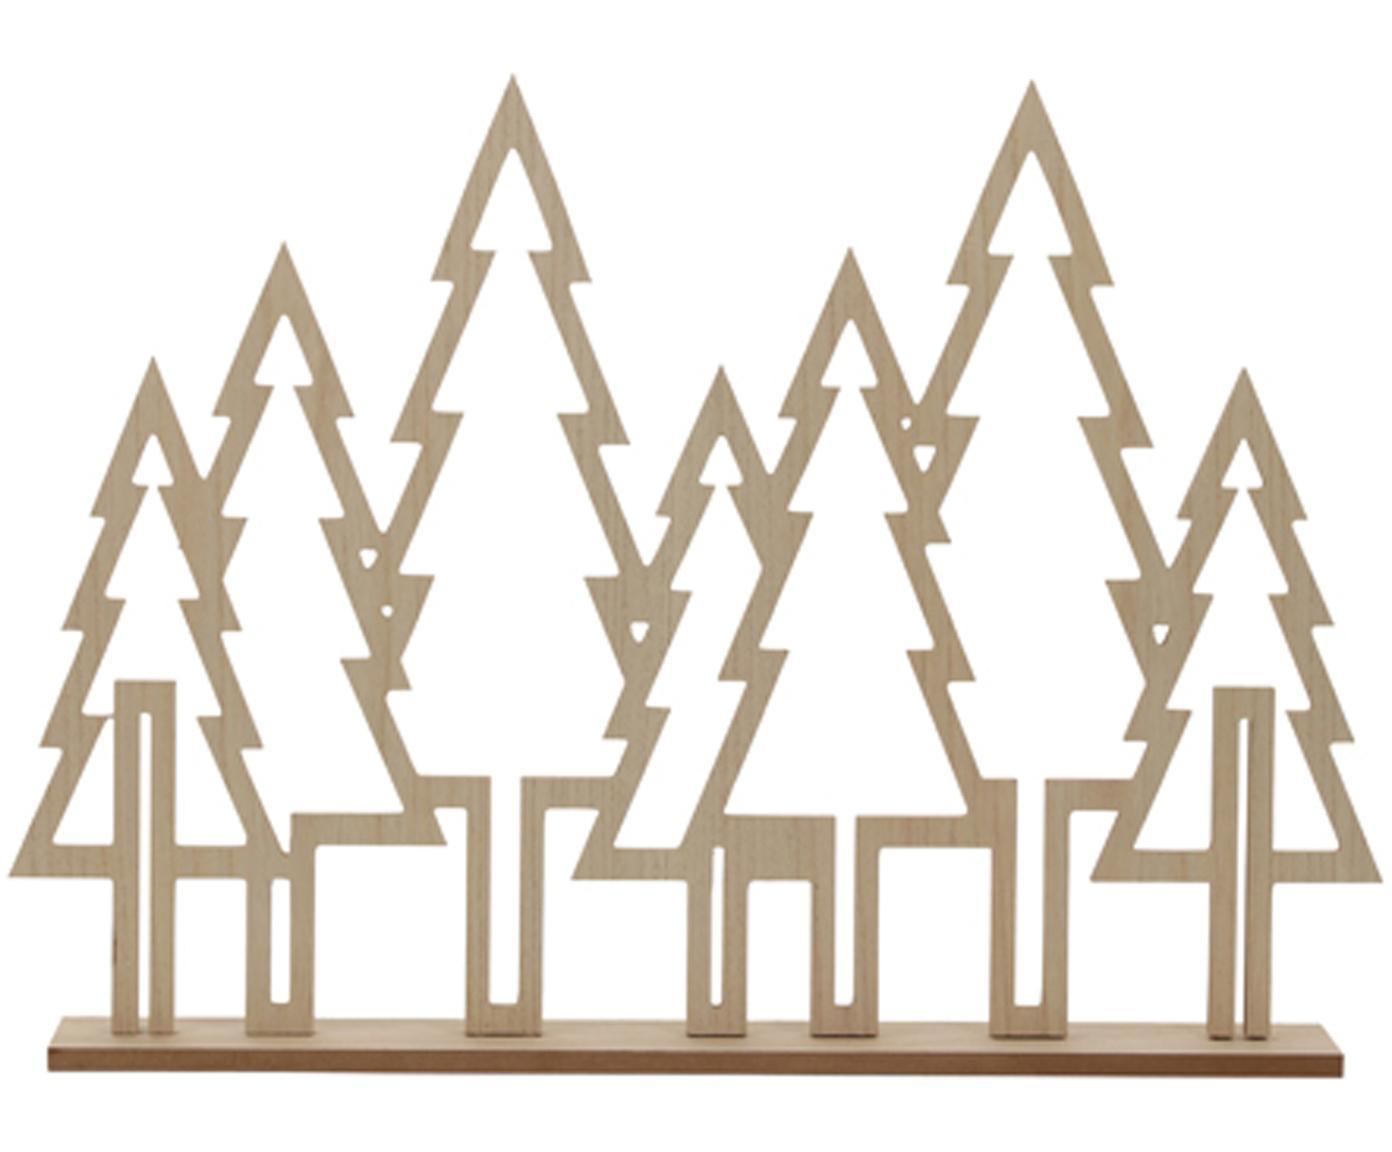 Figura decorativa XL Waldi, Tablero de fibras de densidad media, recubierto, Marrón, Al 215 cm